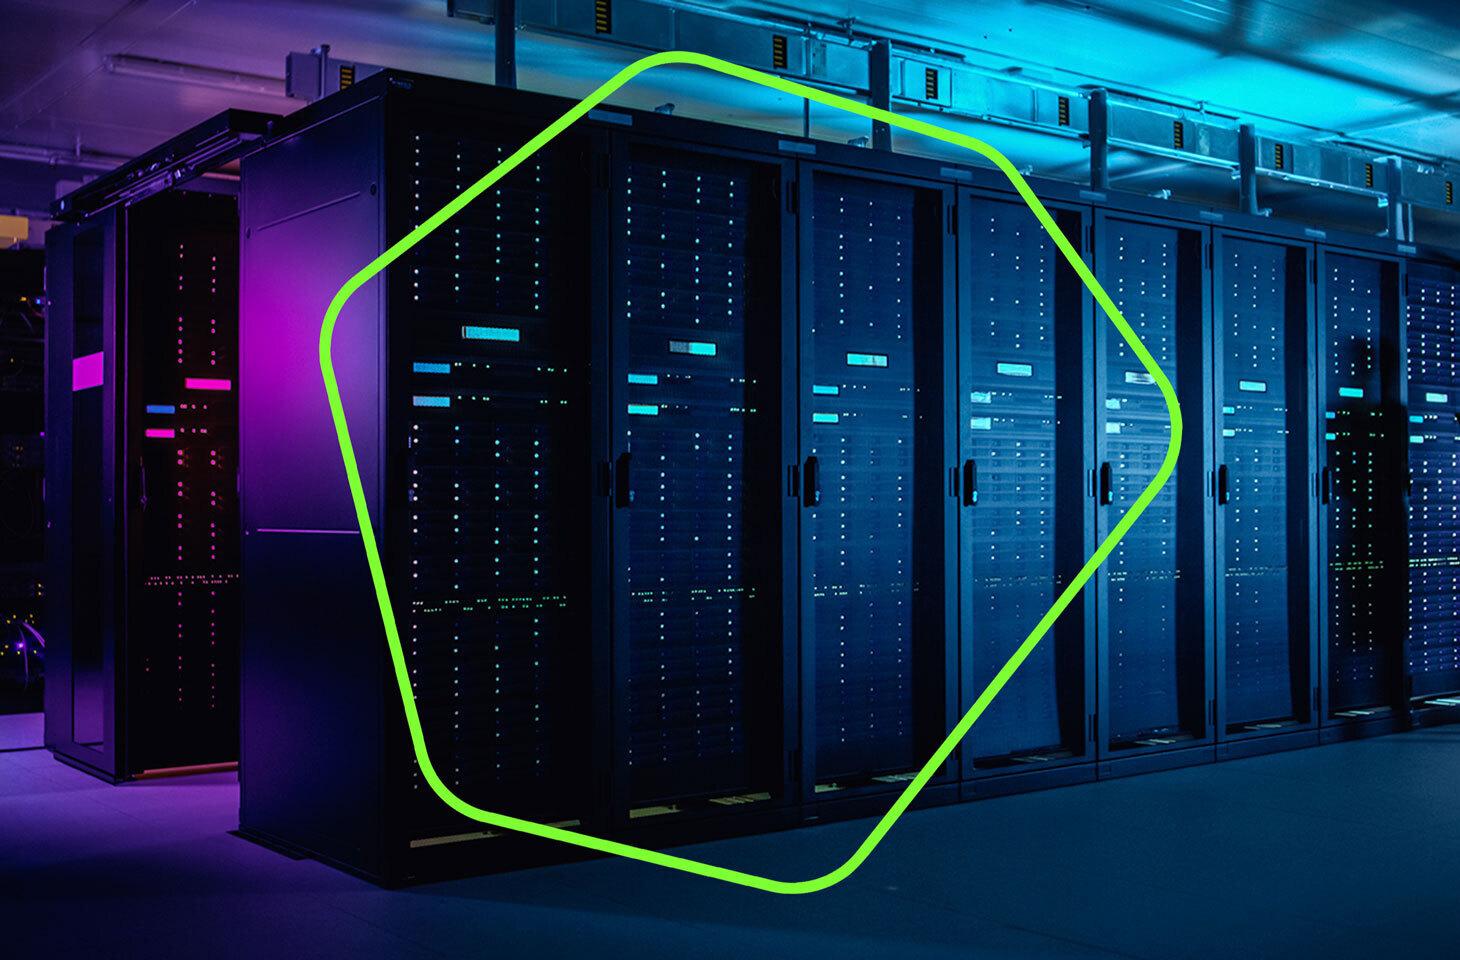 Un sous-réseau isolé est-il vraiment sécurisé ? | Blog officiel de Kaspersky